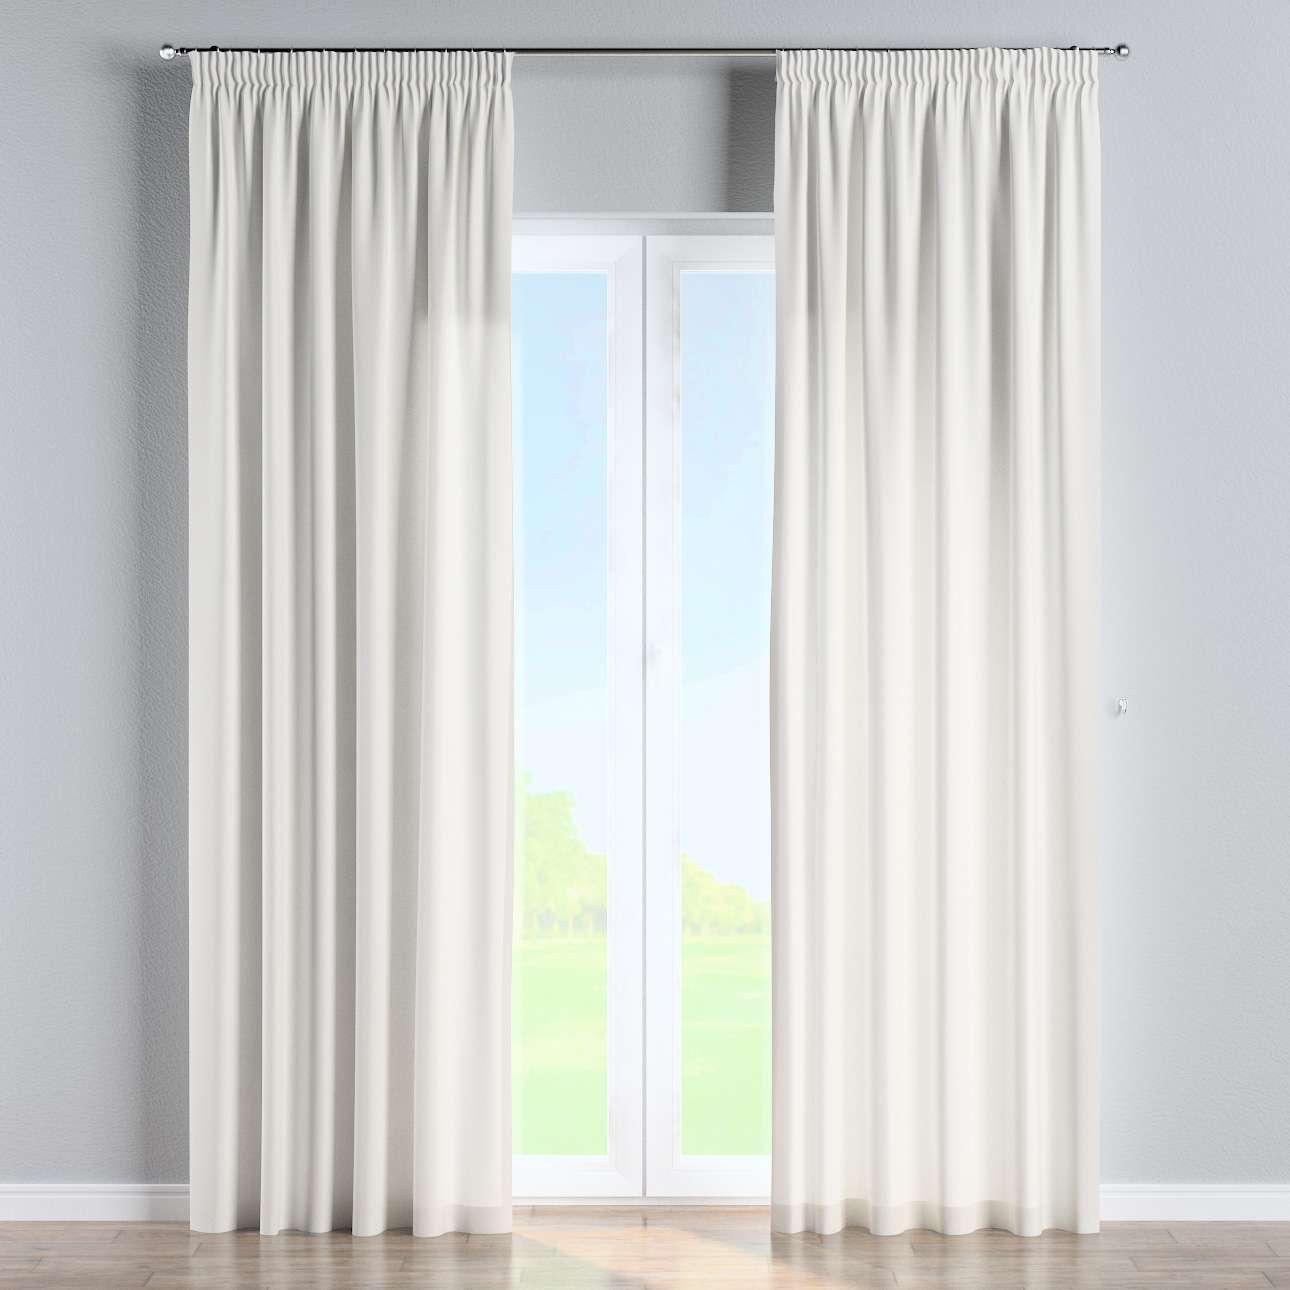 Vorhang mit Kräuselband 130 x 260 cm von der Kollektion Cotton Panama, Stoff: 702-34